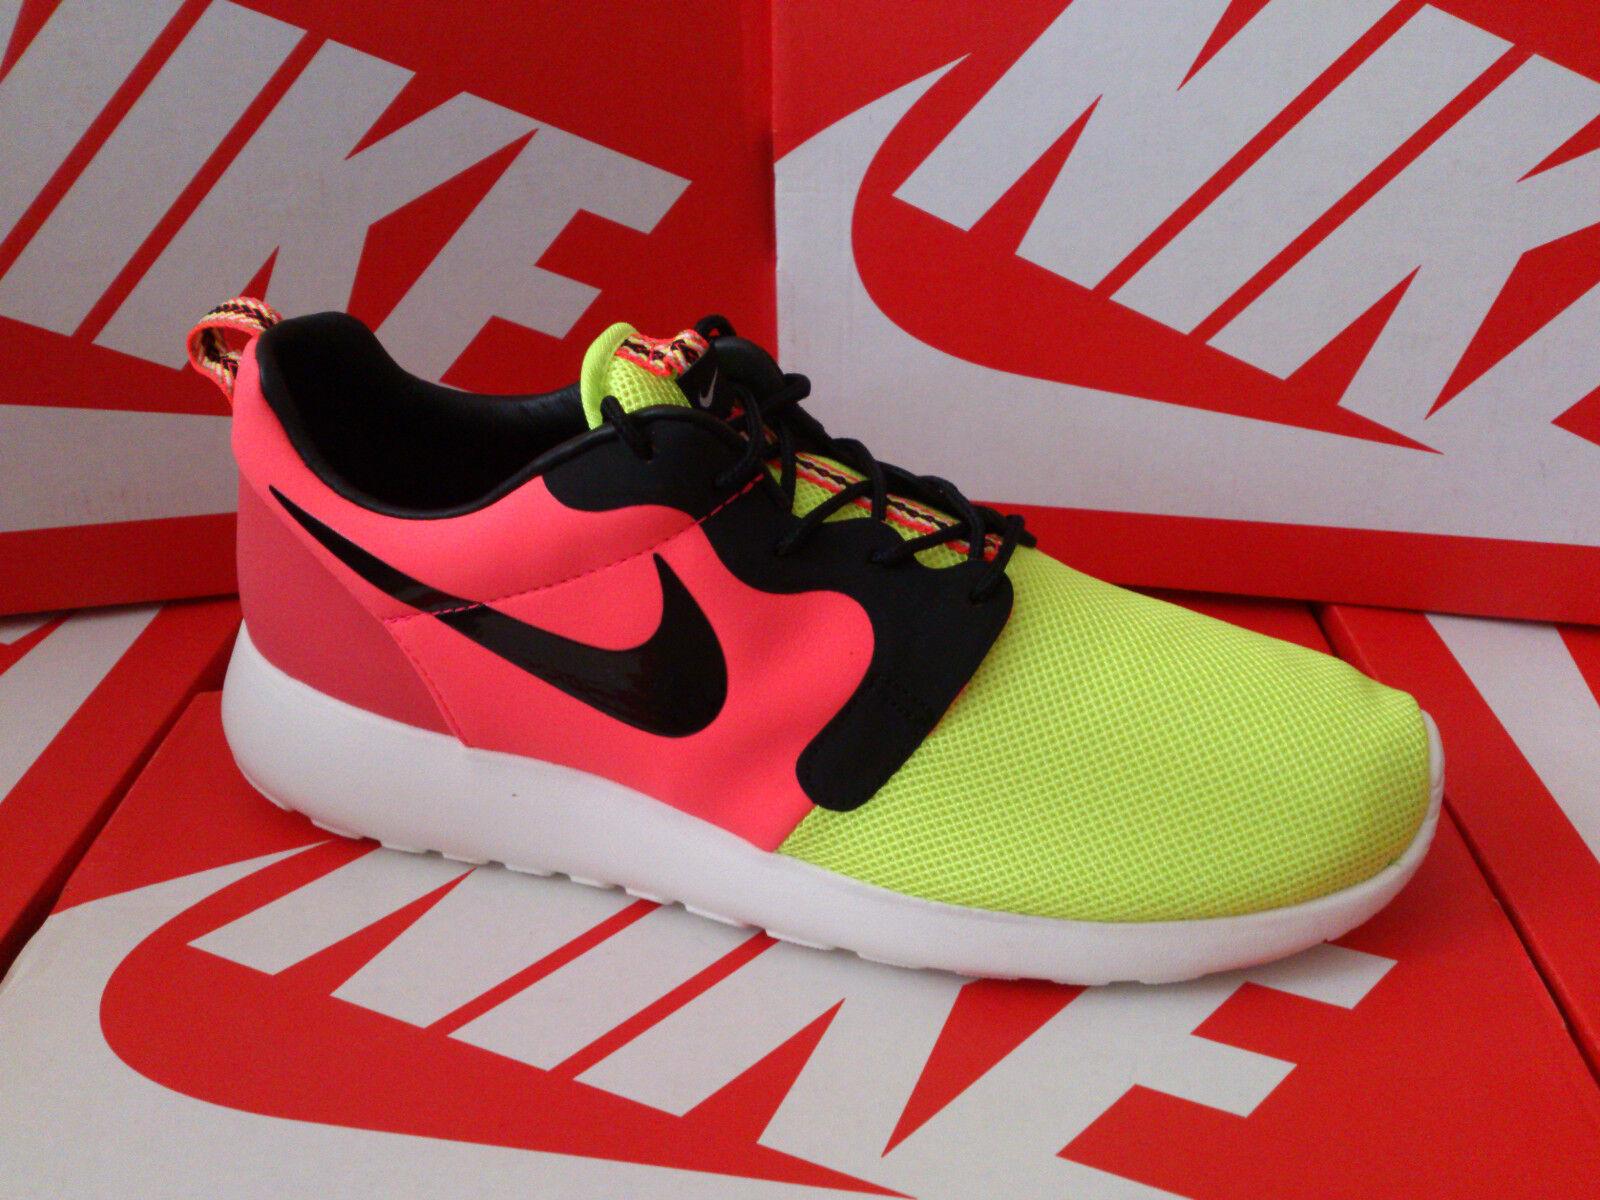 Nike Rosherun Hyp Prm Qs Laufschuhe Schuhe 669689 700 NEU Verschiedene Größen